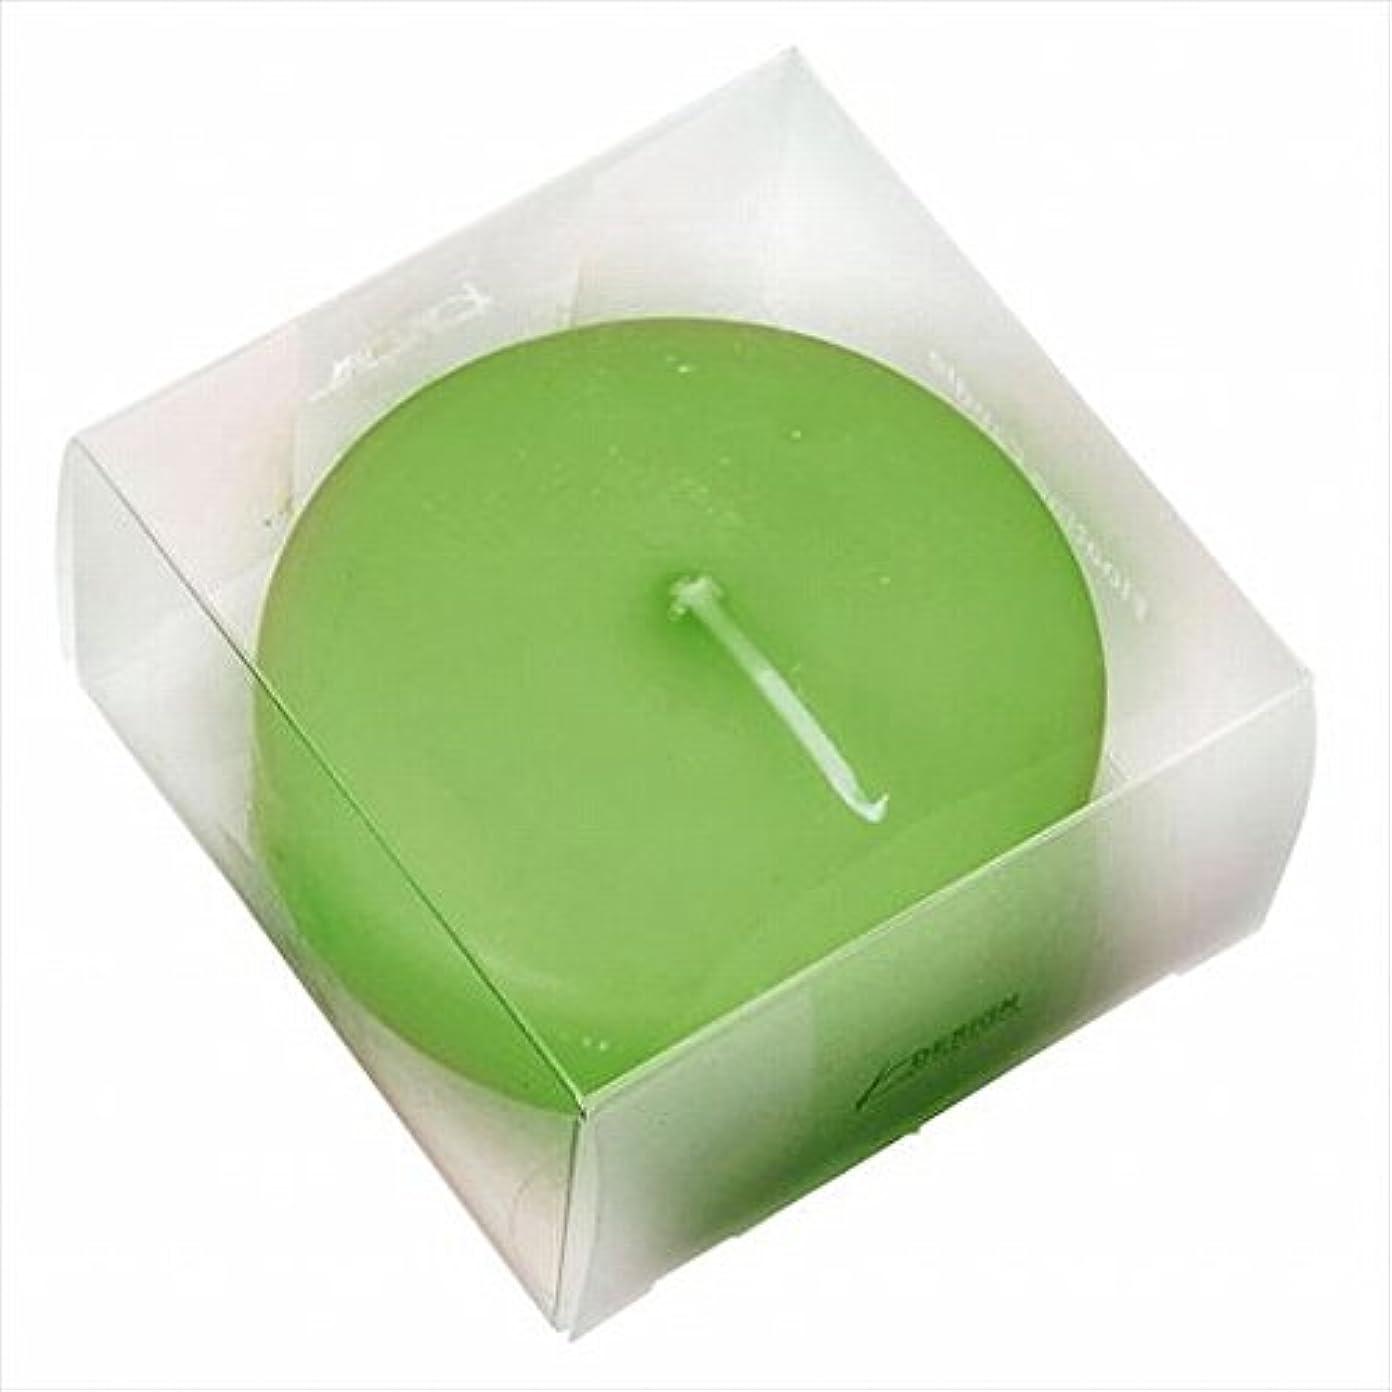 引き出す作成者フラップカメヤマキャンドル(kameyama candle) プール80(箱入り) 「 シャトレーゼ 」